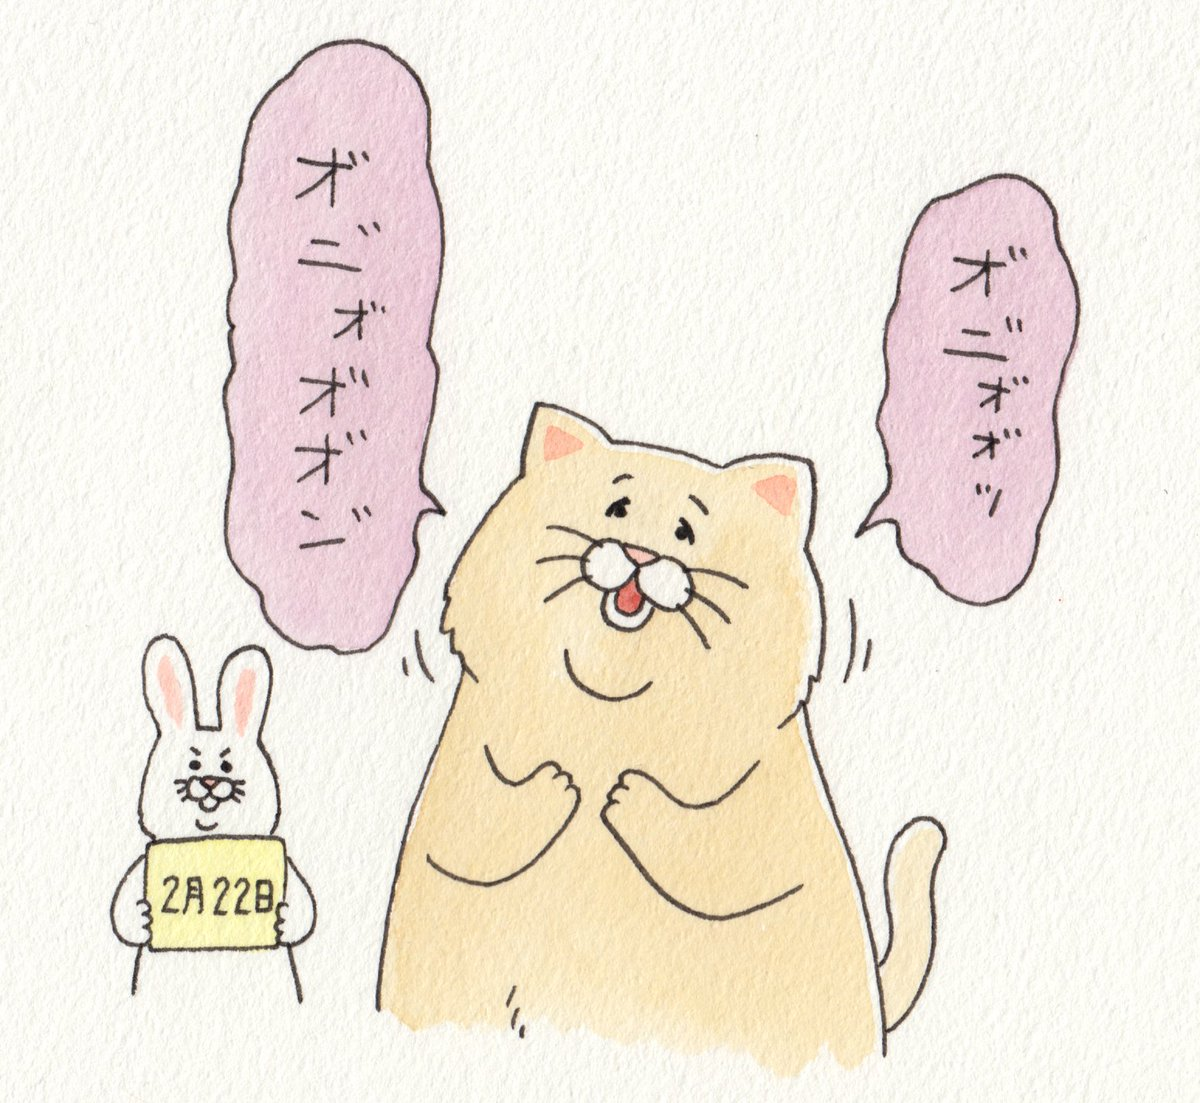 猫の日だけど「ニャンニャンニャン」とは鳴けないネコノヒー。 https://t.co/dvFp6nx27W